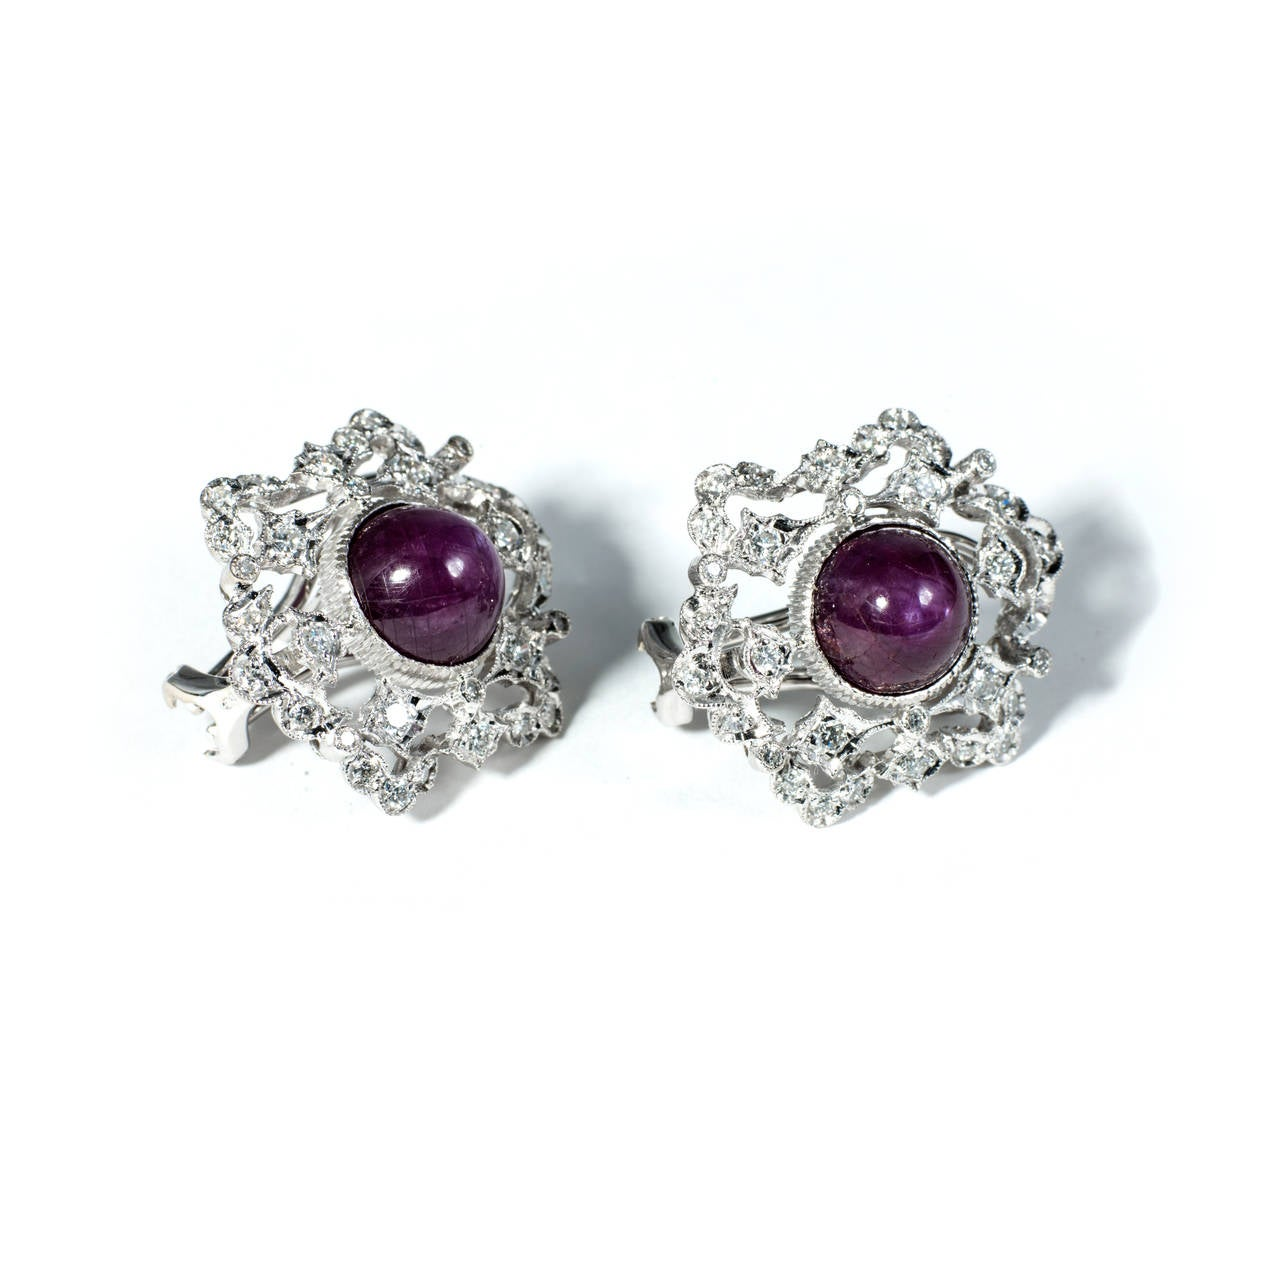 Natural GIA Cert Star Ruby Diamond White Gold Earrings 3